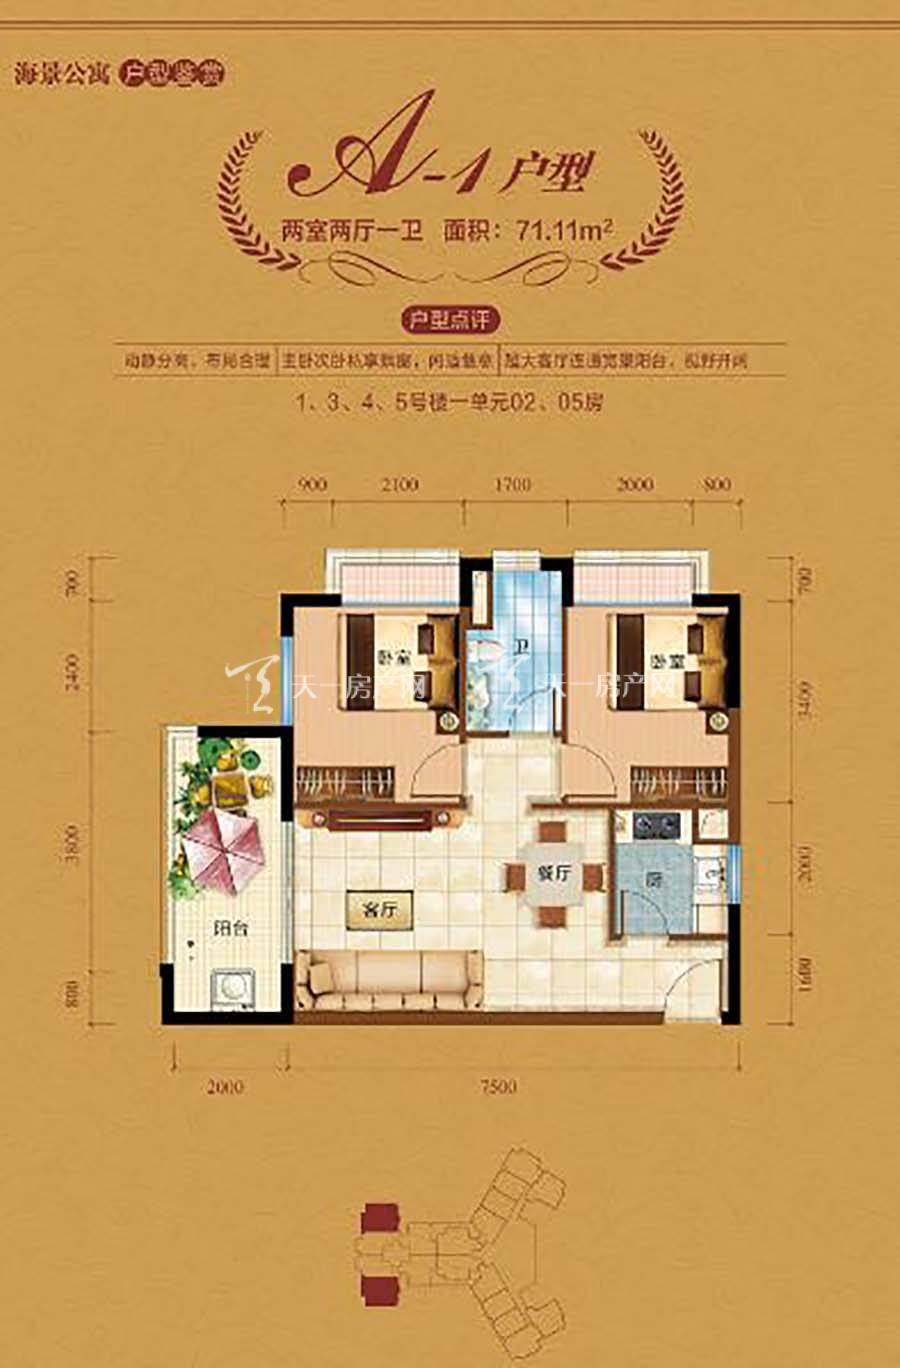 中视金海湾A1户型/2房2厅1卫/建筑面积:约71.11㎡